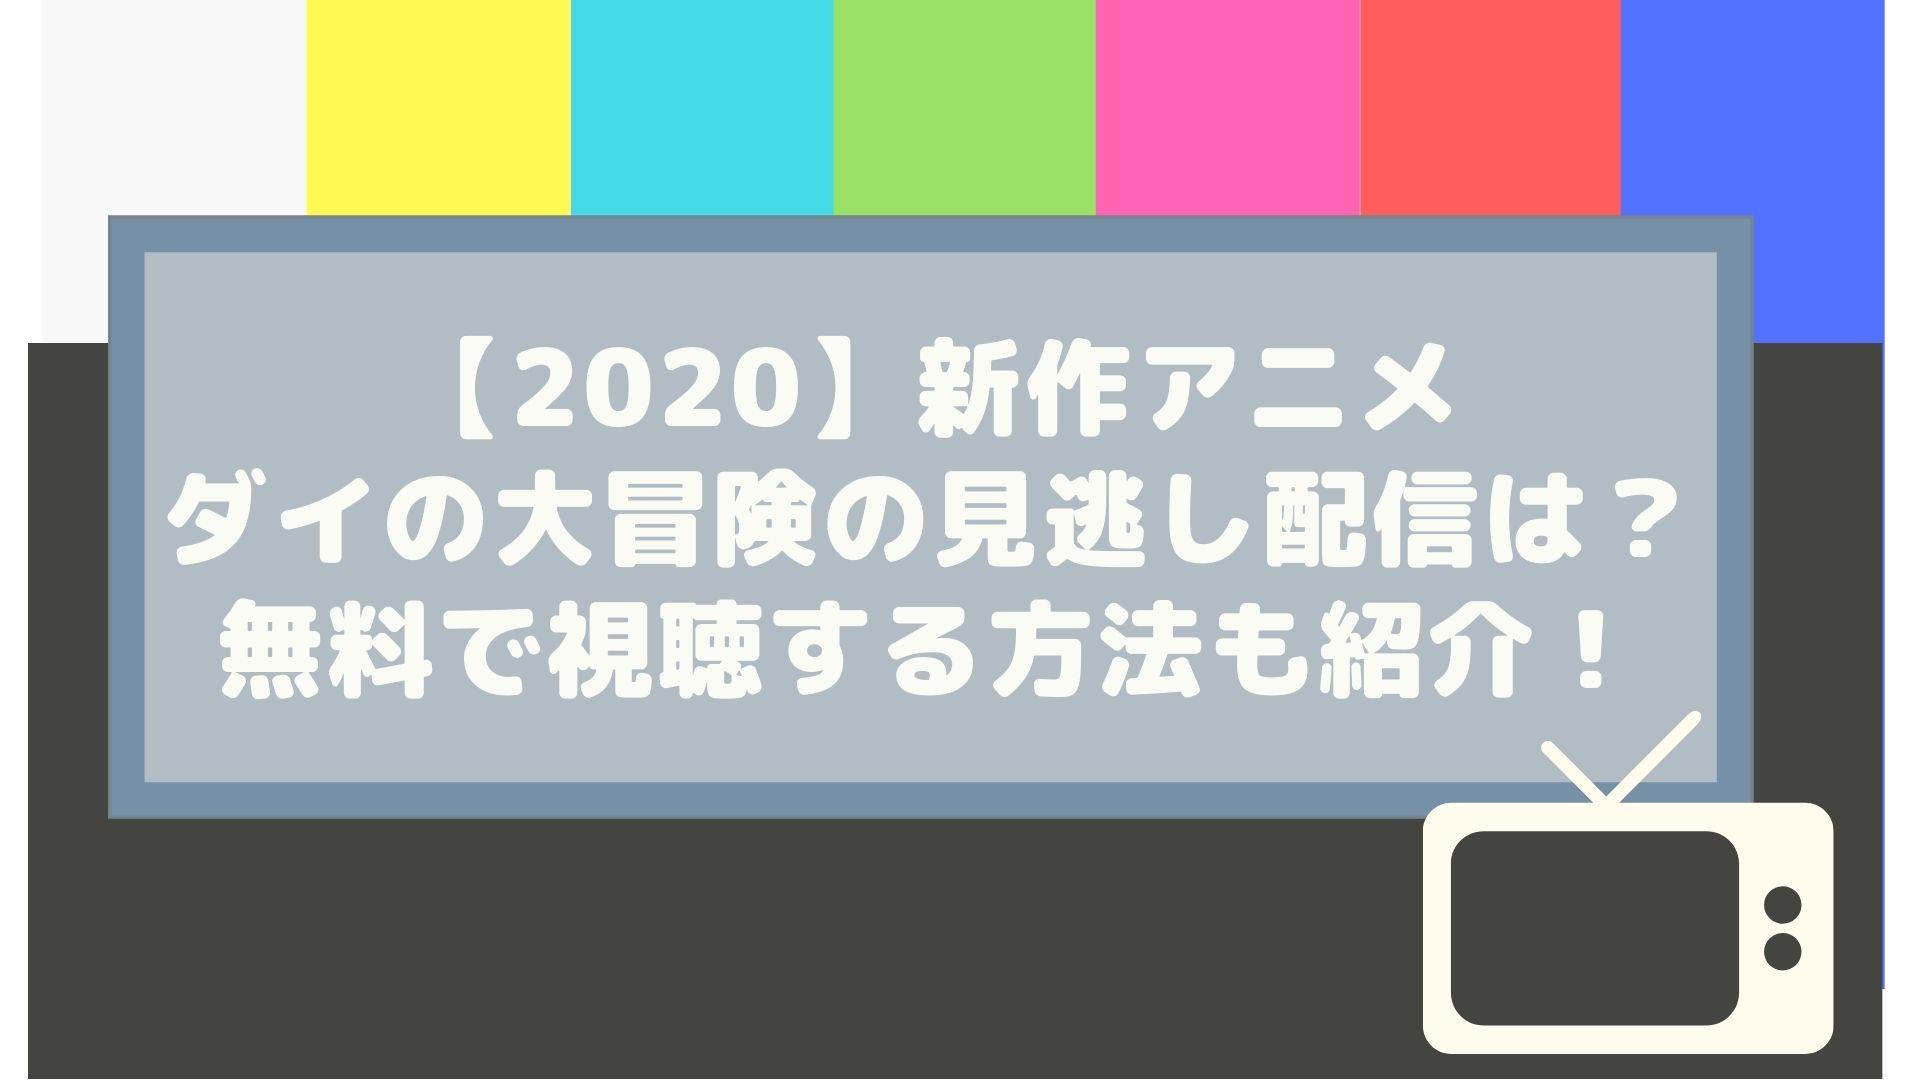 【2020】ダイの大冒険新作アニメの見逃し配信はある?無料で視聴する方法も紹介!タイトル画像